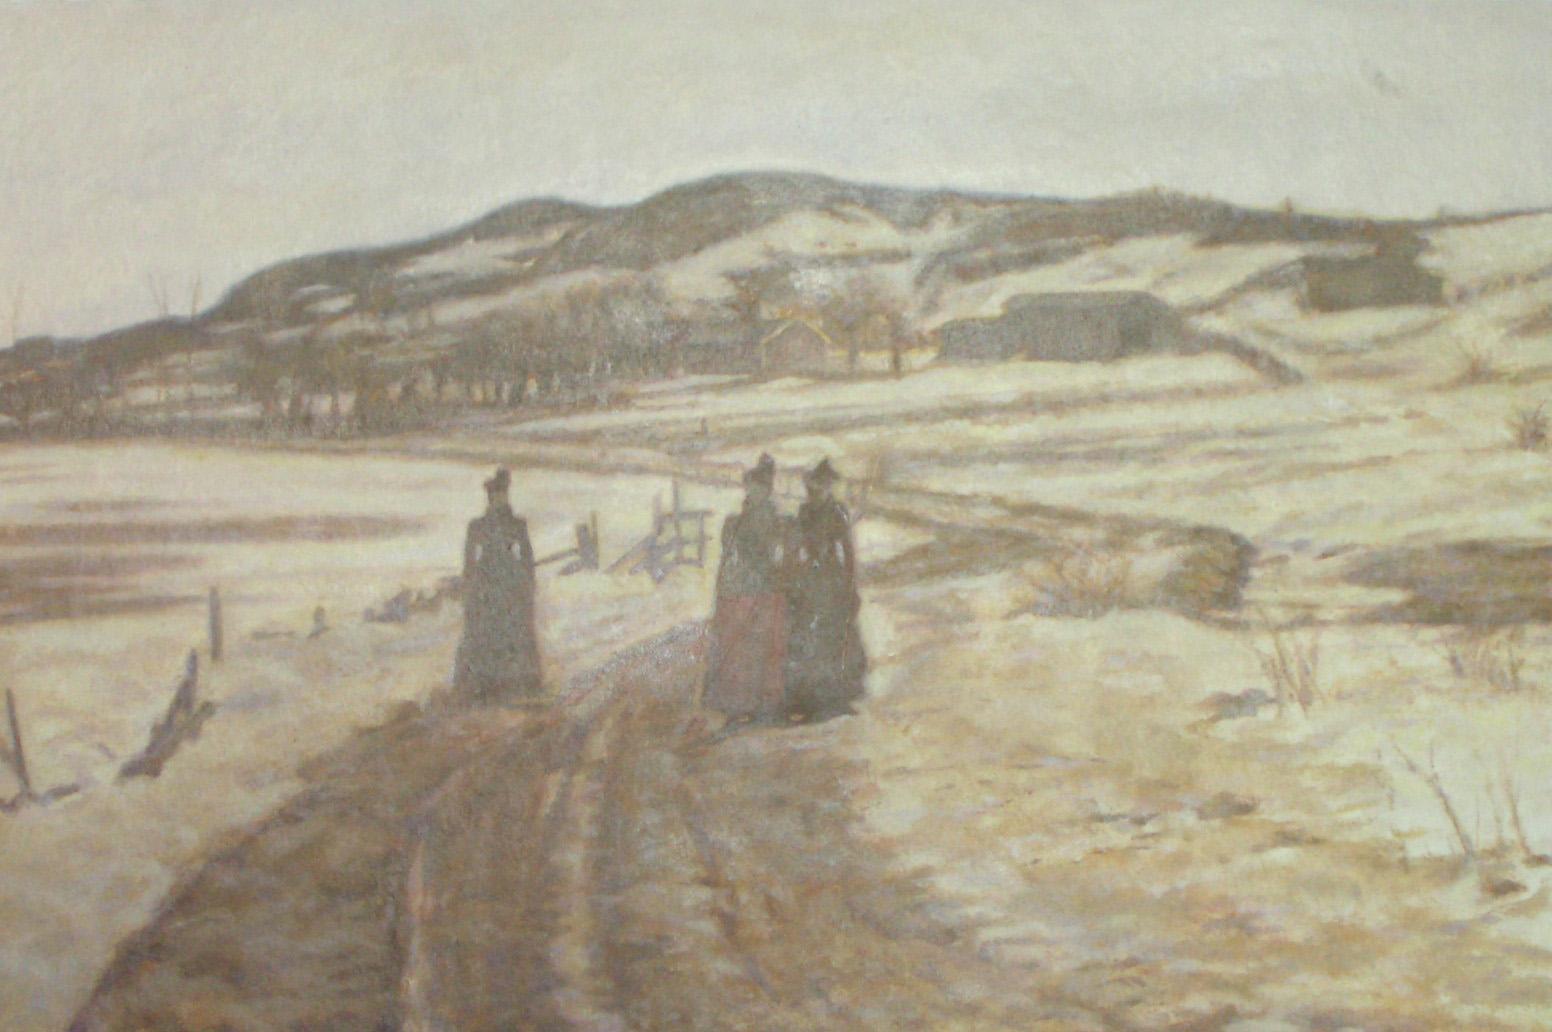 Risbrinksvägen vintertid (1890) - Klicka för att byta till perspektivbild.